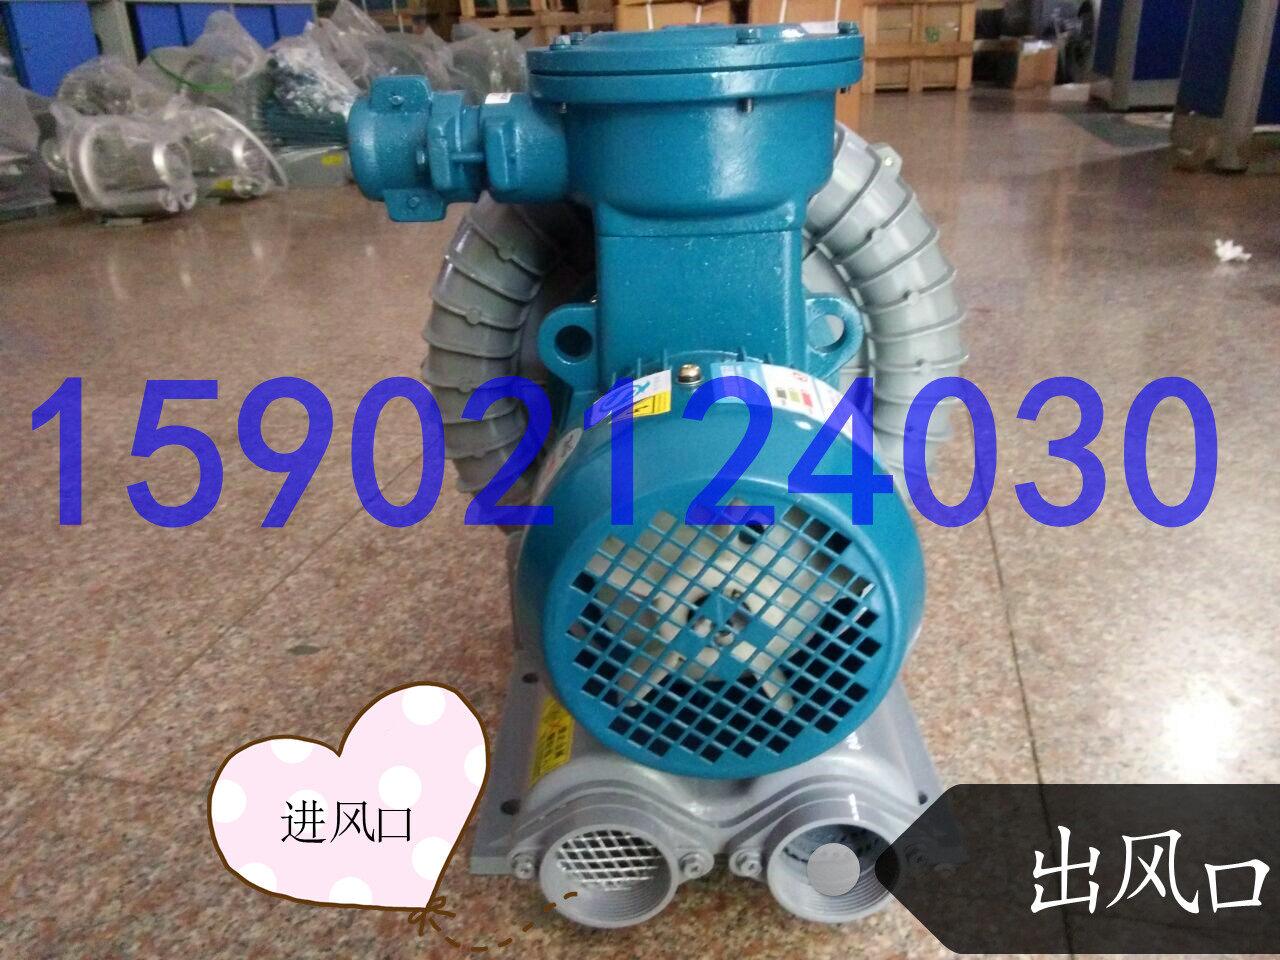 上海防爆鼓风机,高压防爆风机生产厂家